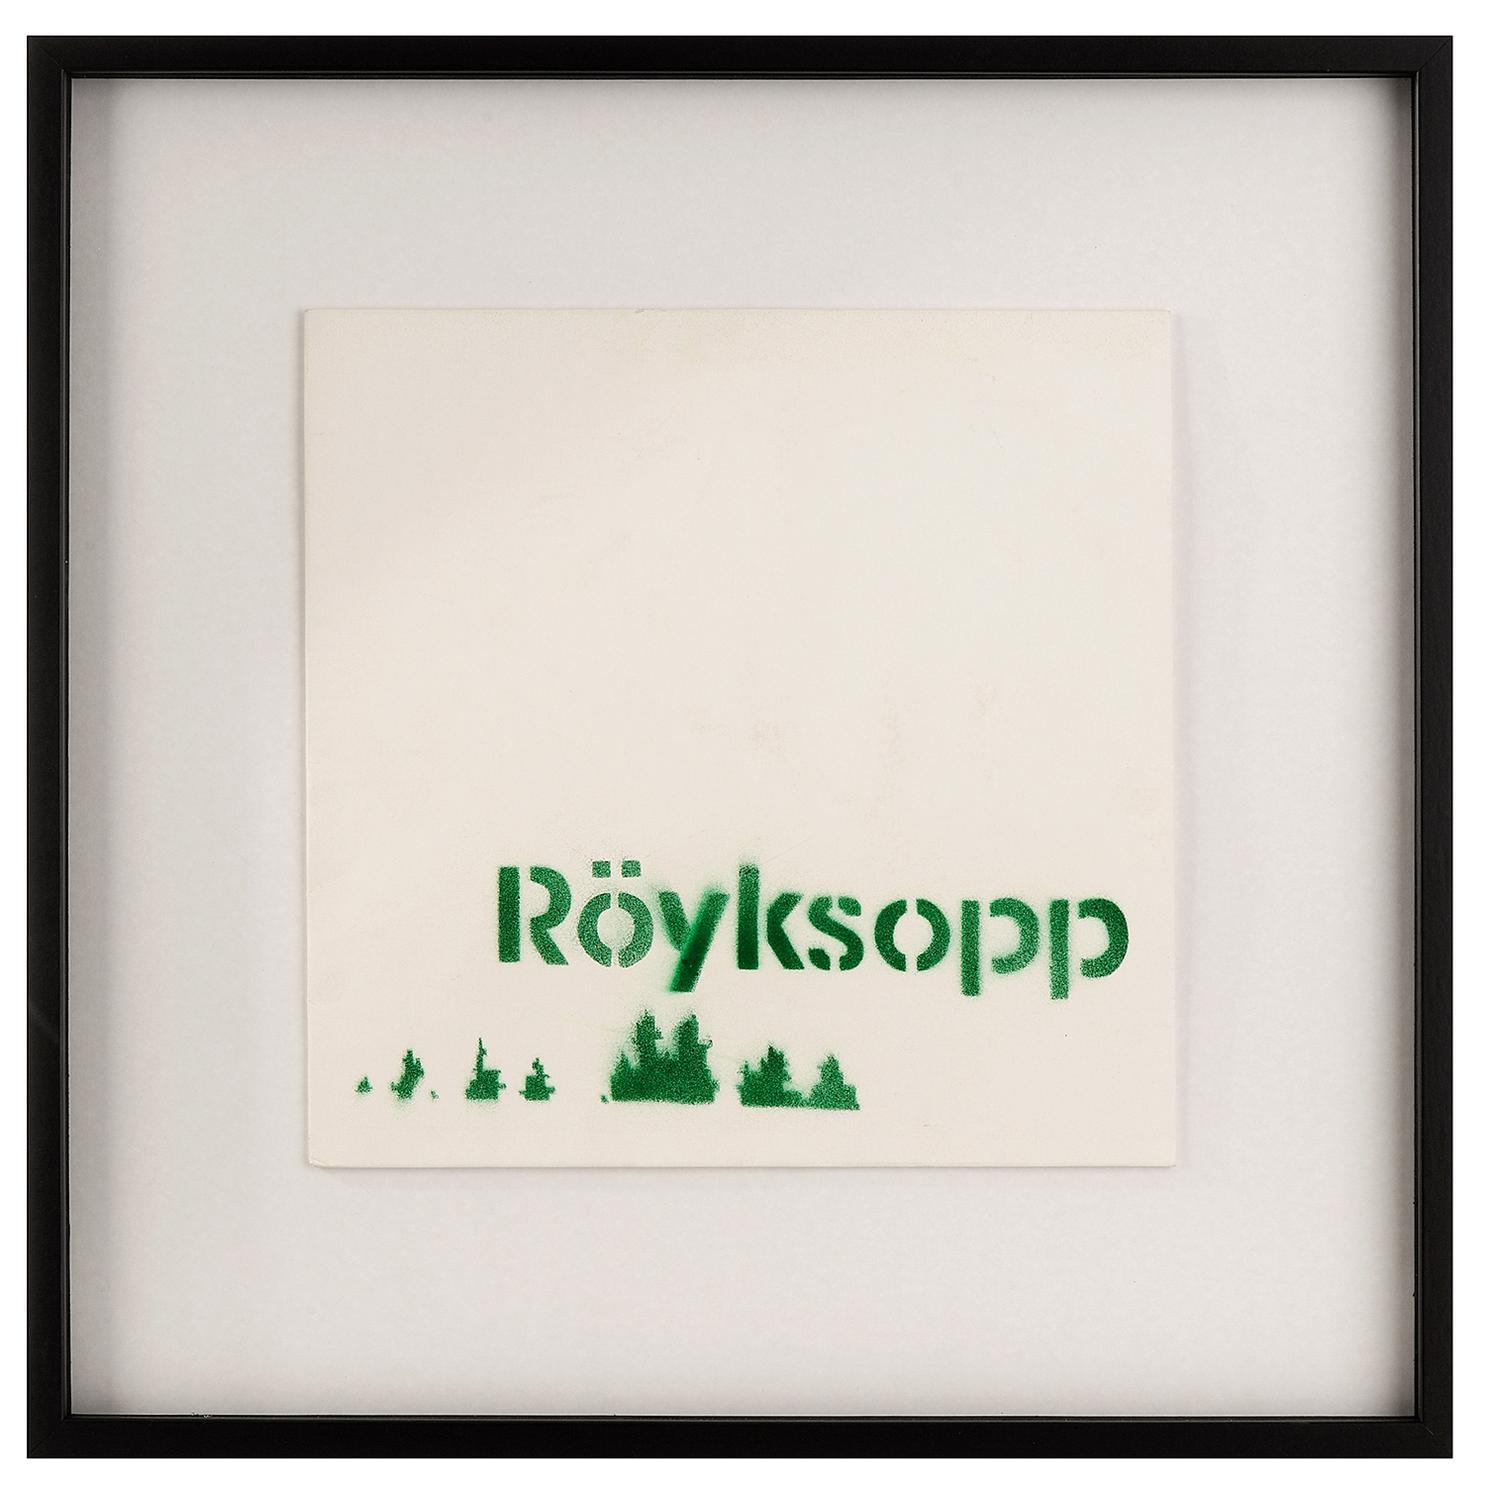 Banksy-Royksopp-2002